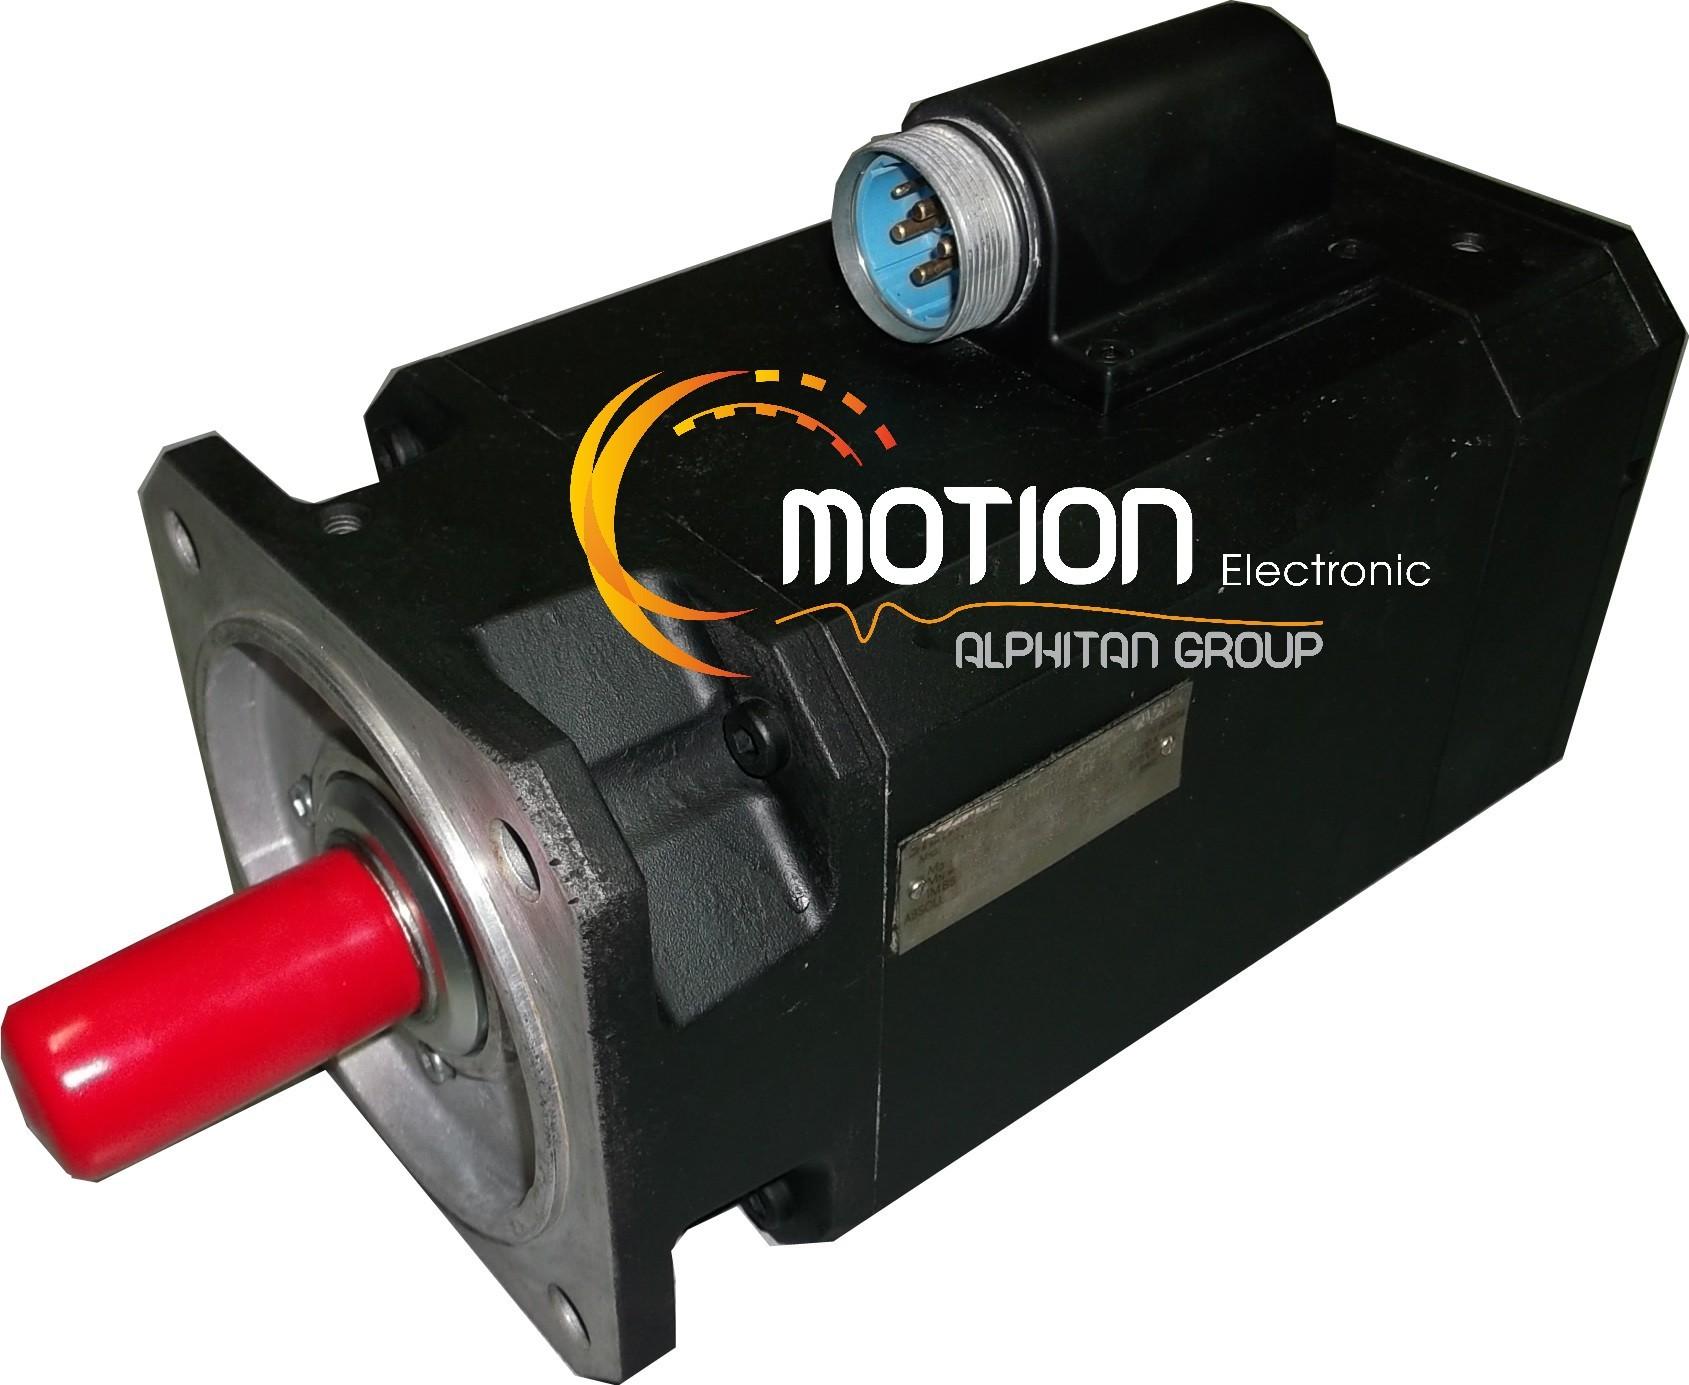 Siemens 1ft6084 1af71 1eg1 motor for Siemens electric motors catalog